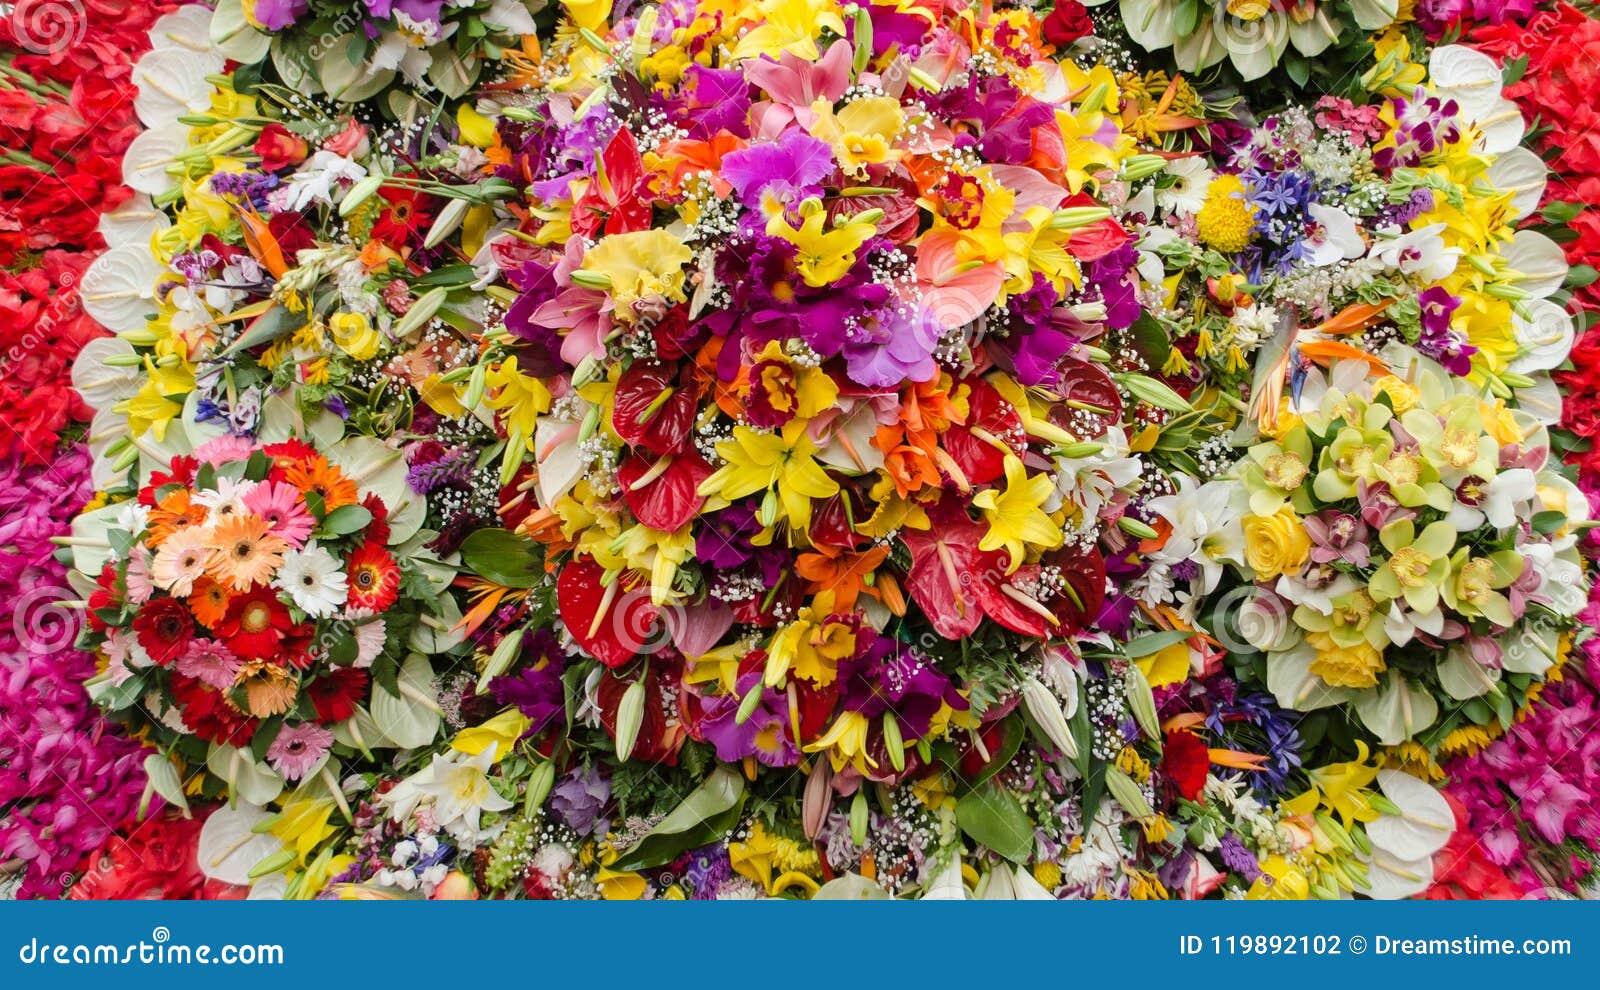 Hintergrund des mehrfarbigen Blumenstraußes